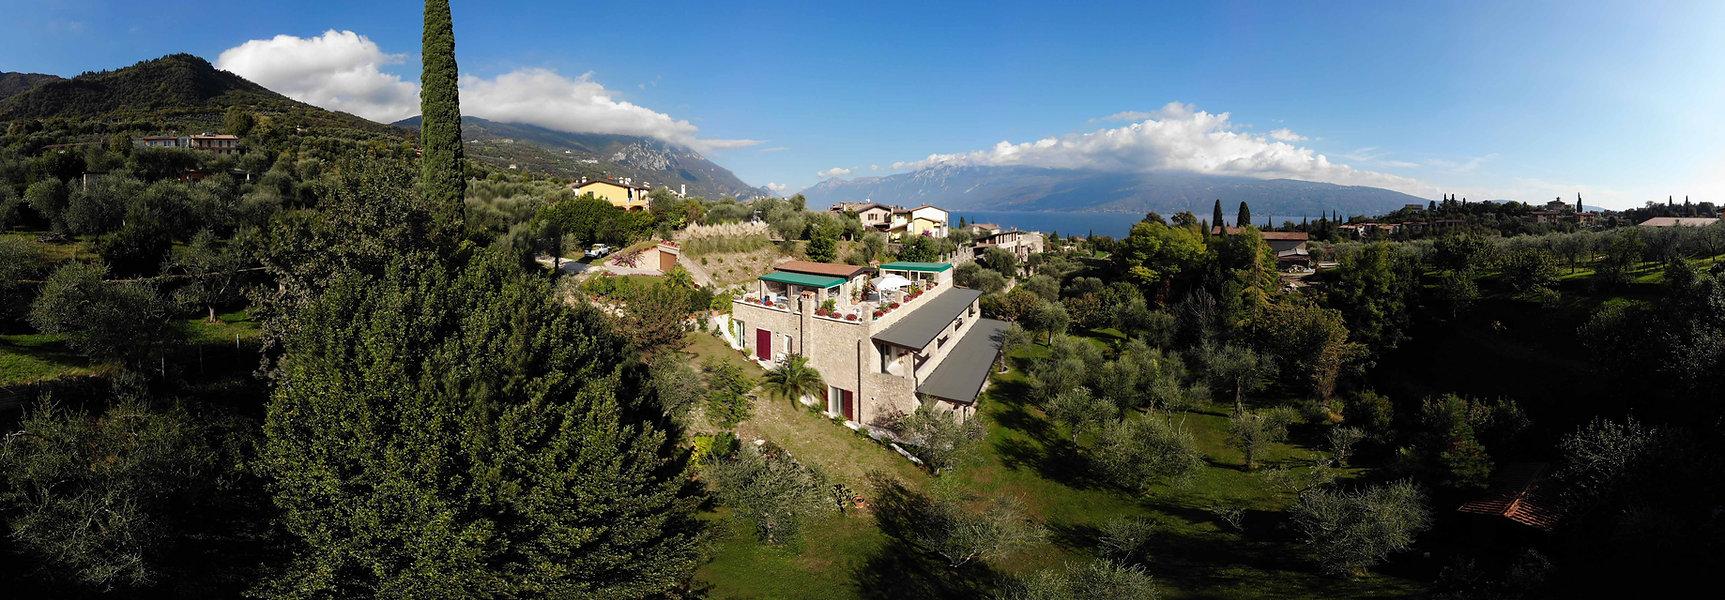 Lake Garda-B&B-Gargnano-Toscolano-La cas